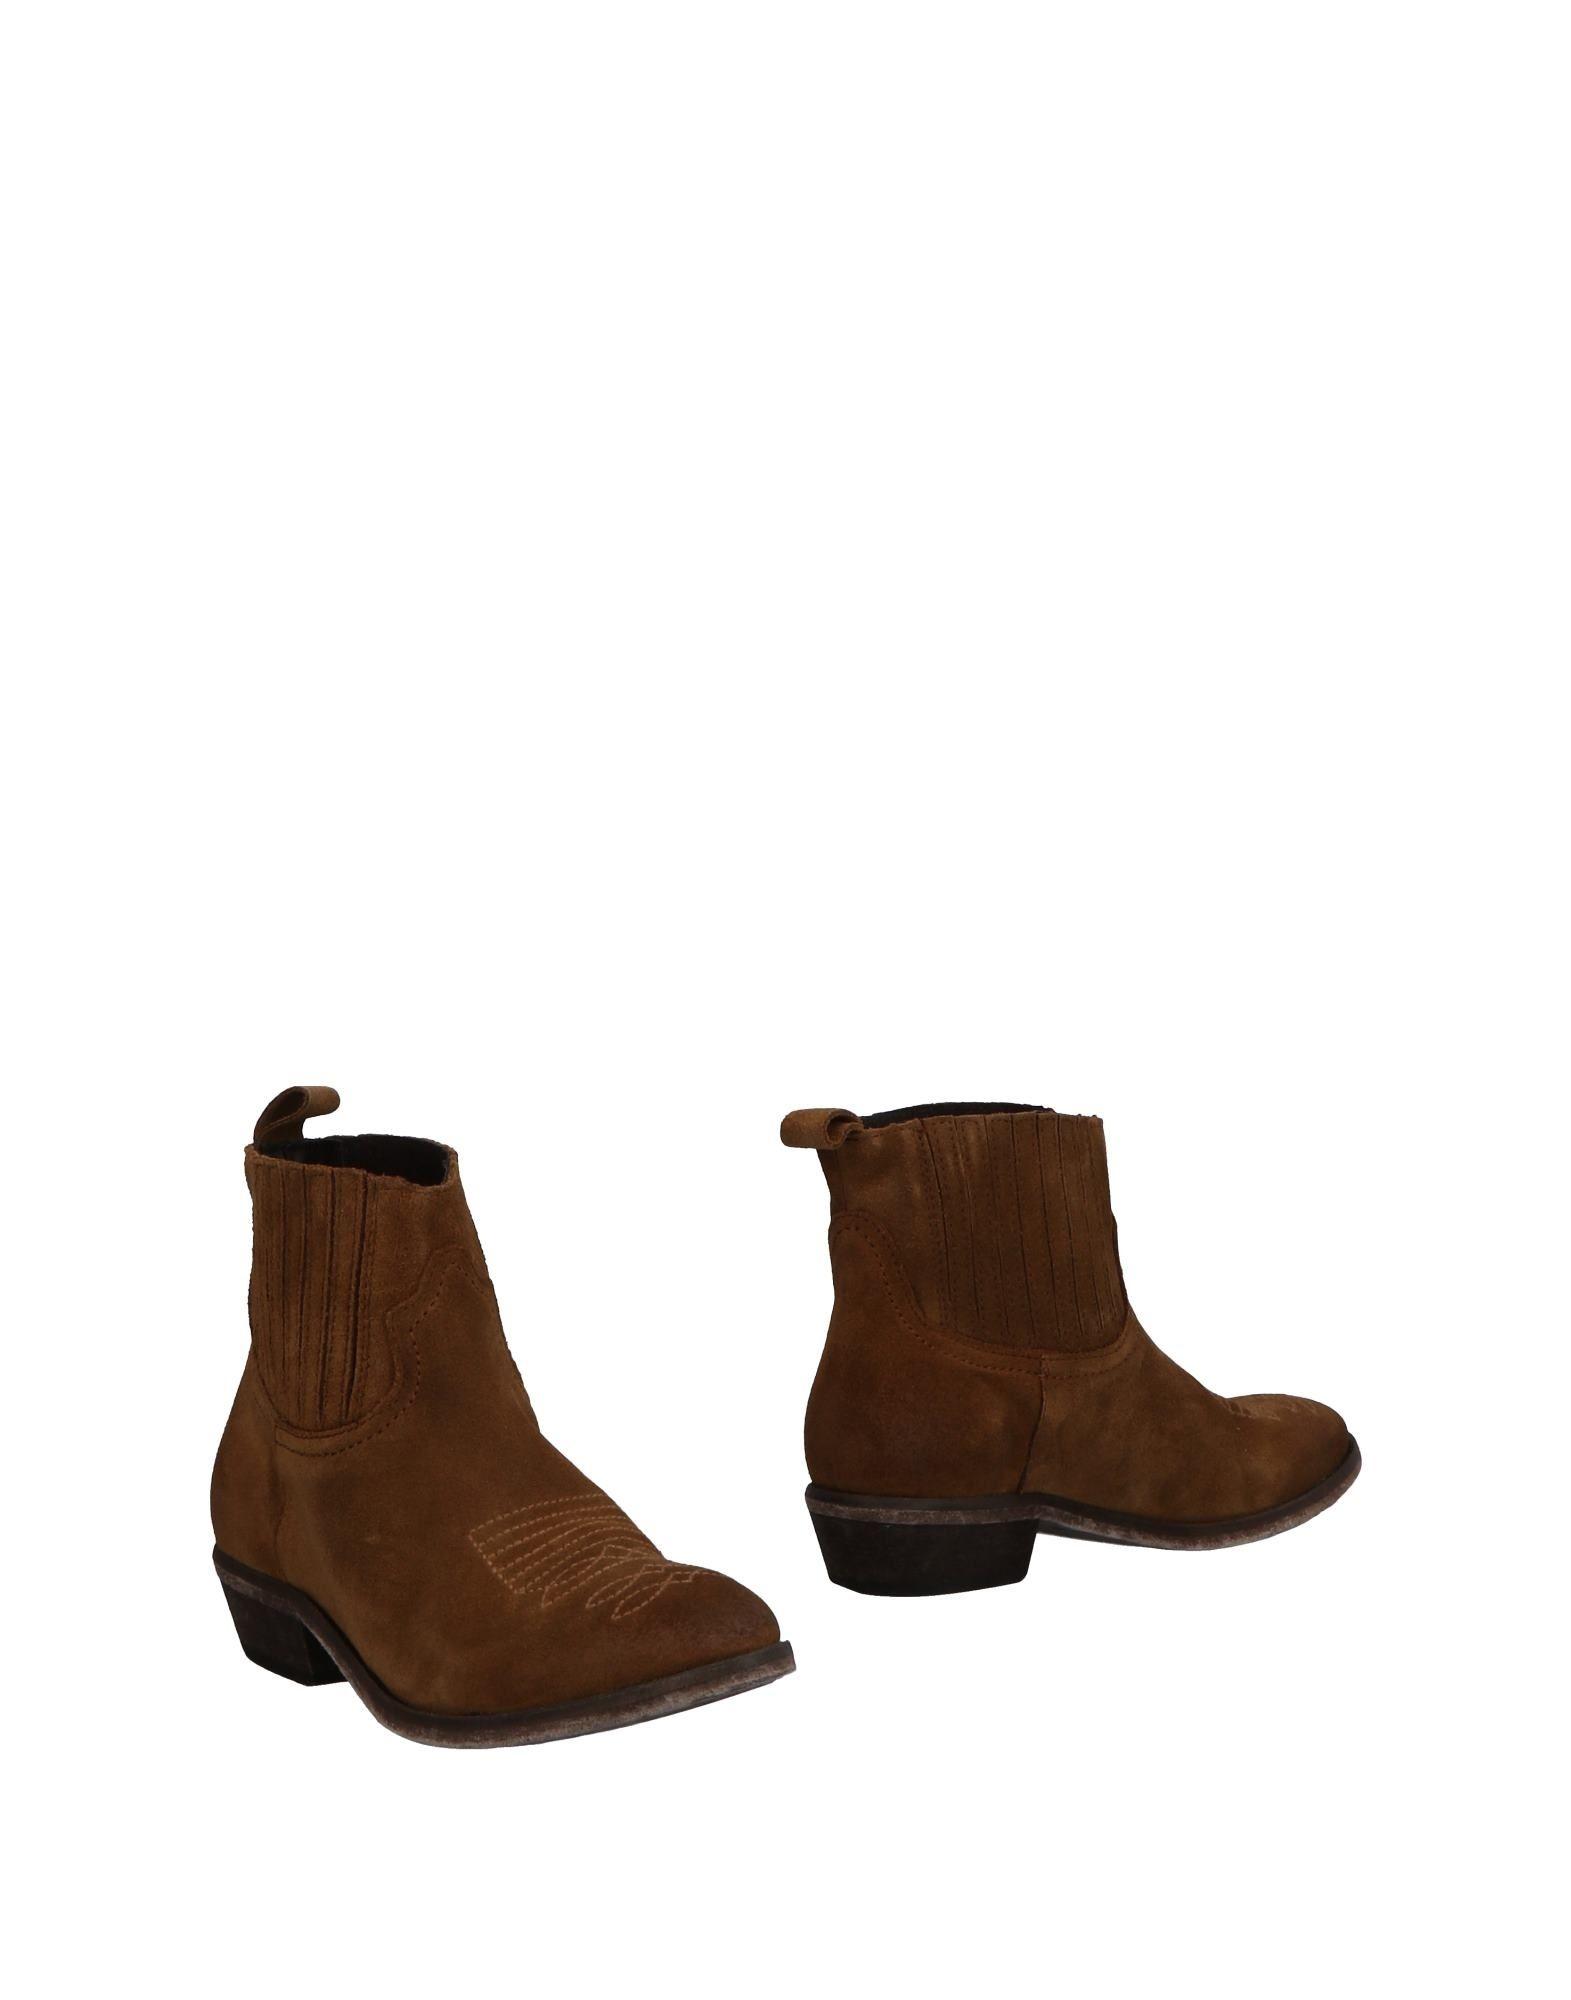 Catarina Martins Stiefelette Damen  11507295WP Gute Qualität beliebte Schuhe